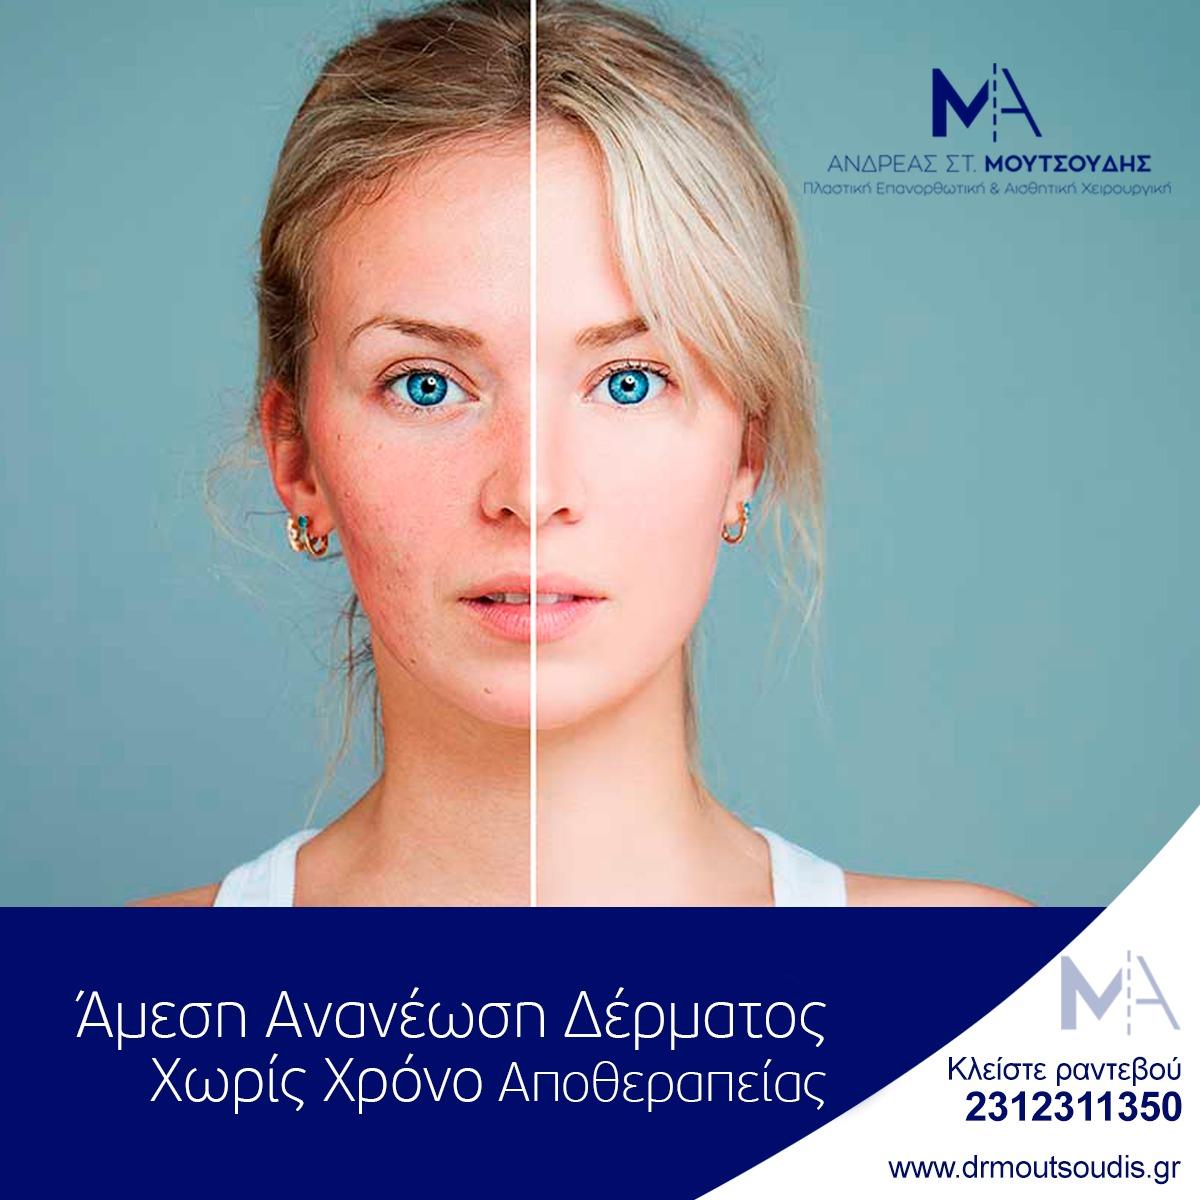 Άμεση Ανανέωση Δέρματος Χωρίς Χρόνο Αποθεραπείας